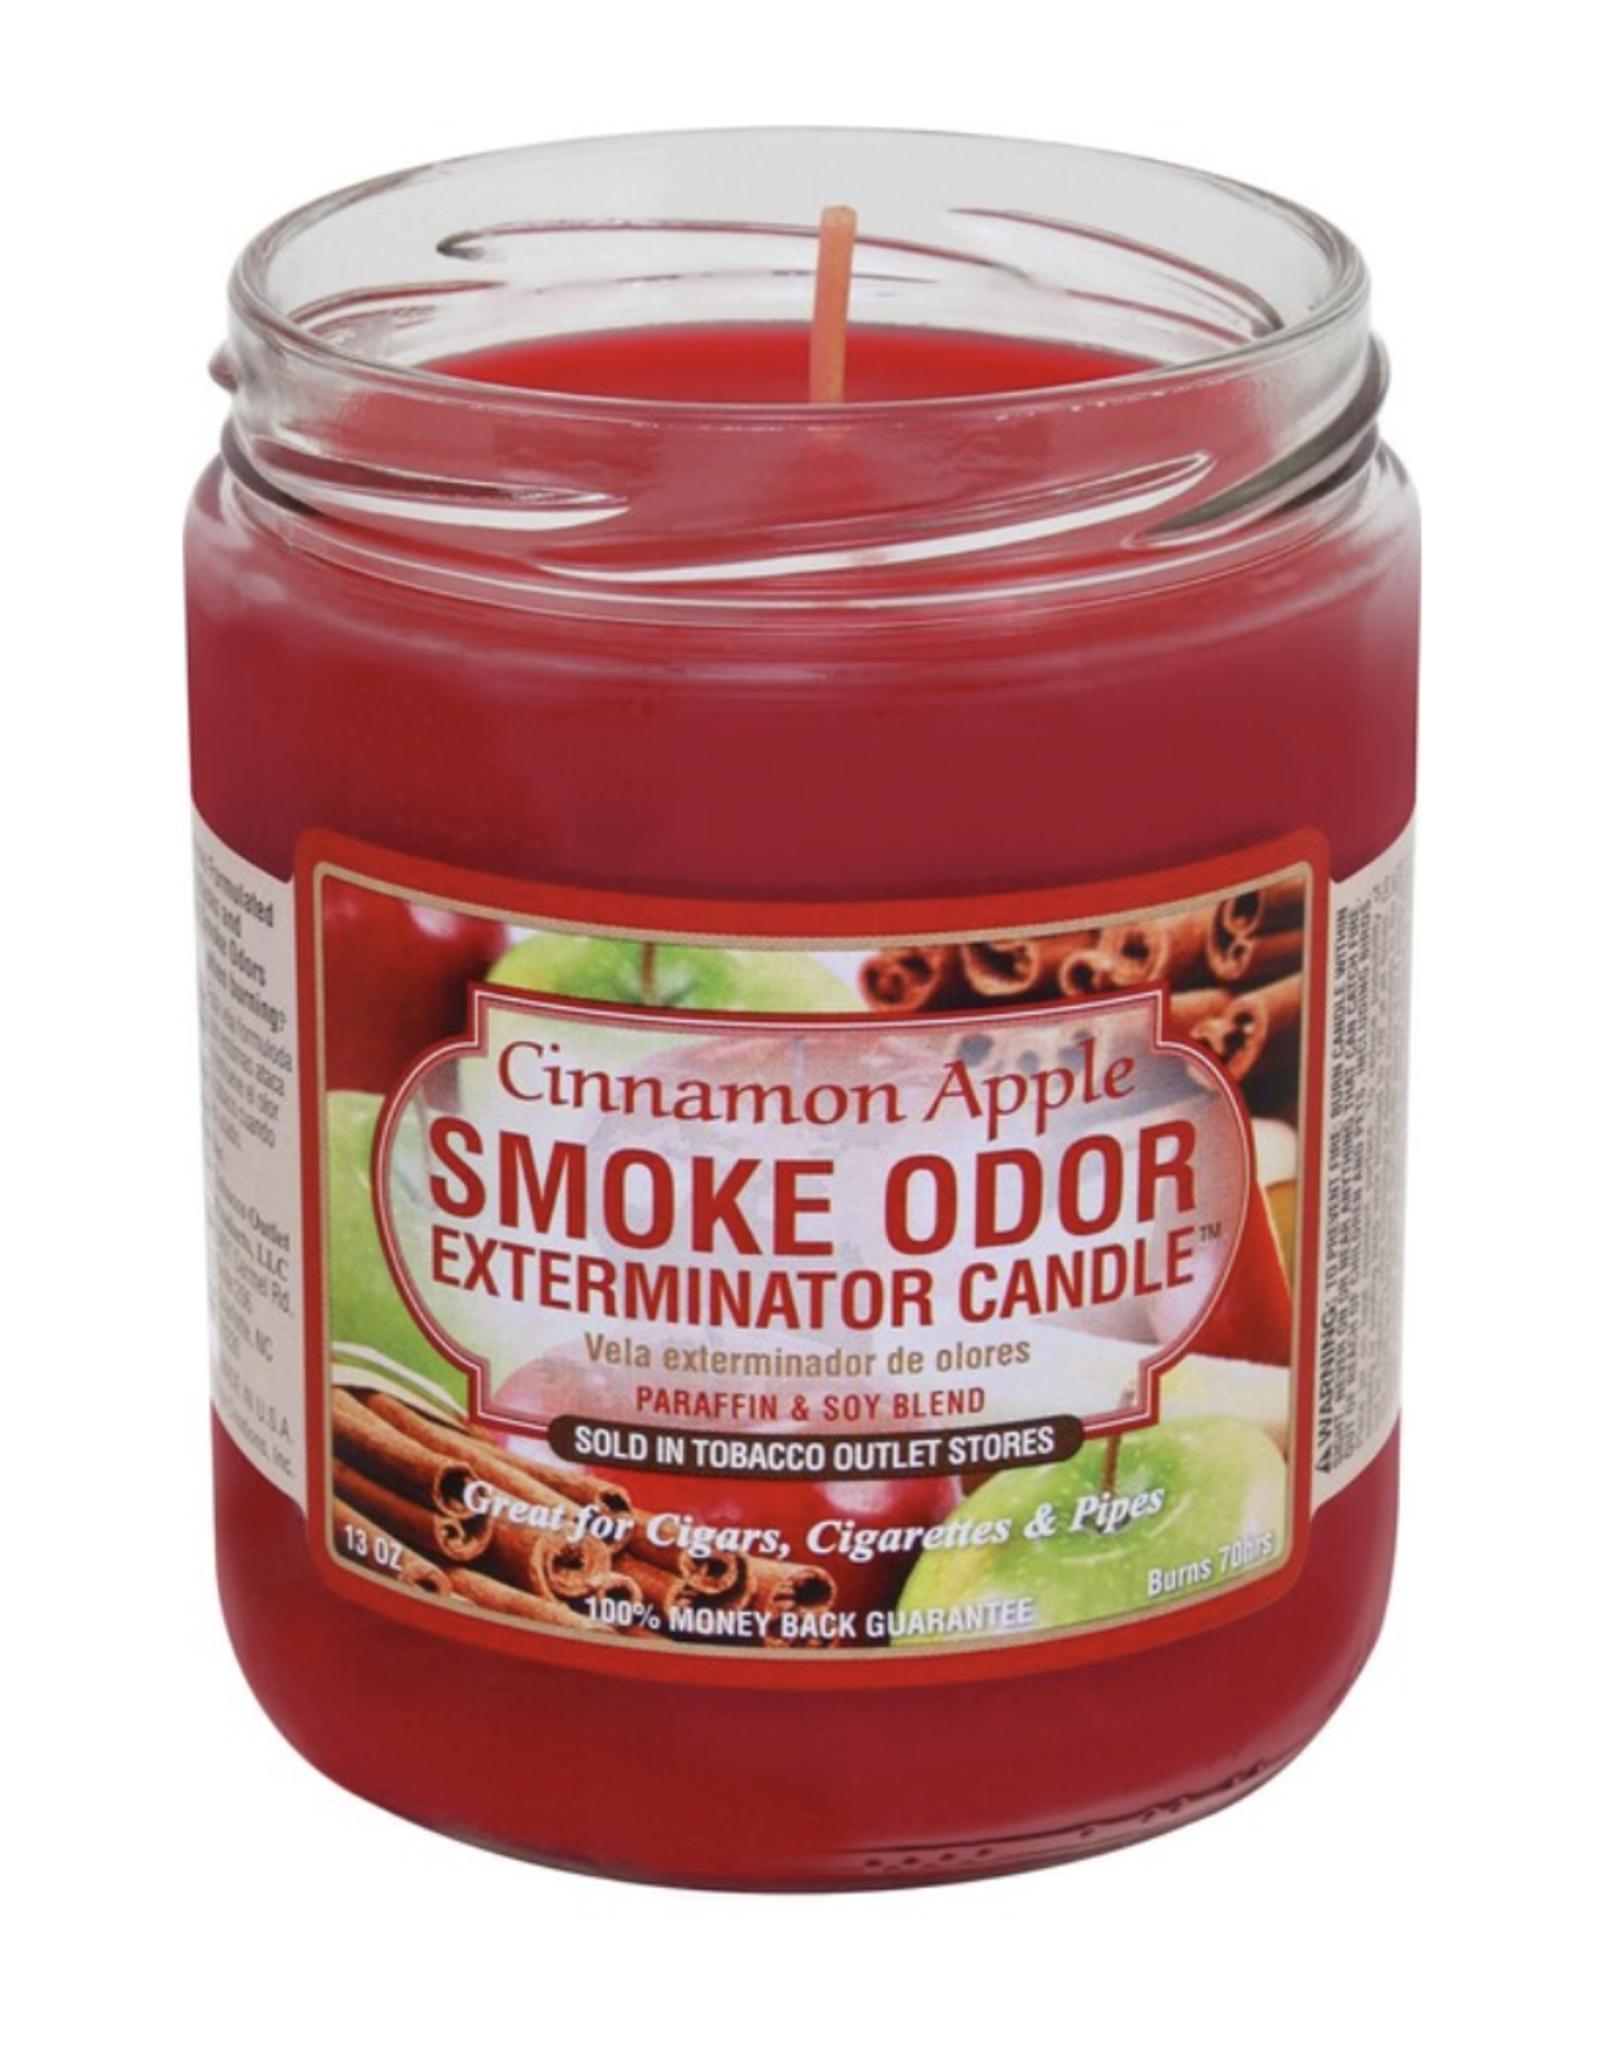 Smoke Odor 13oz. Candle - Cinnamon Apple